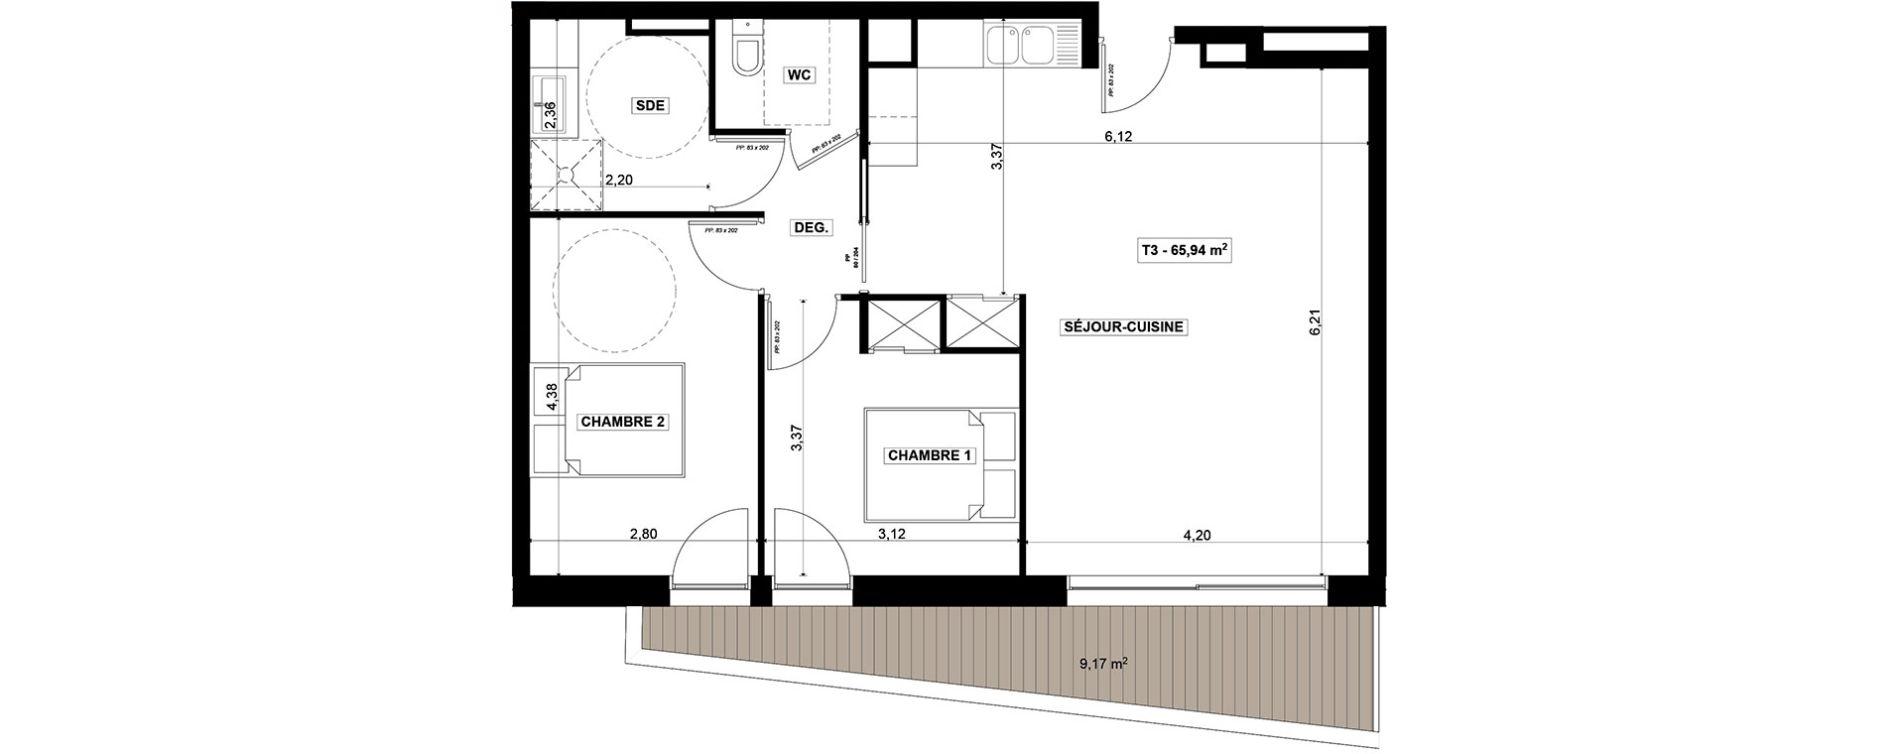 Appartement T3 de 65,94 m2 à Quimper Centre